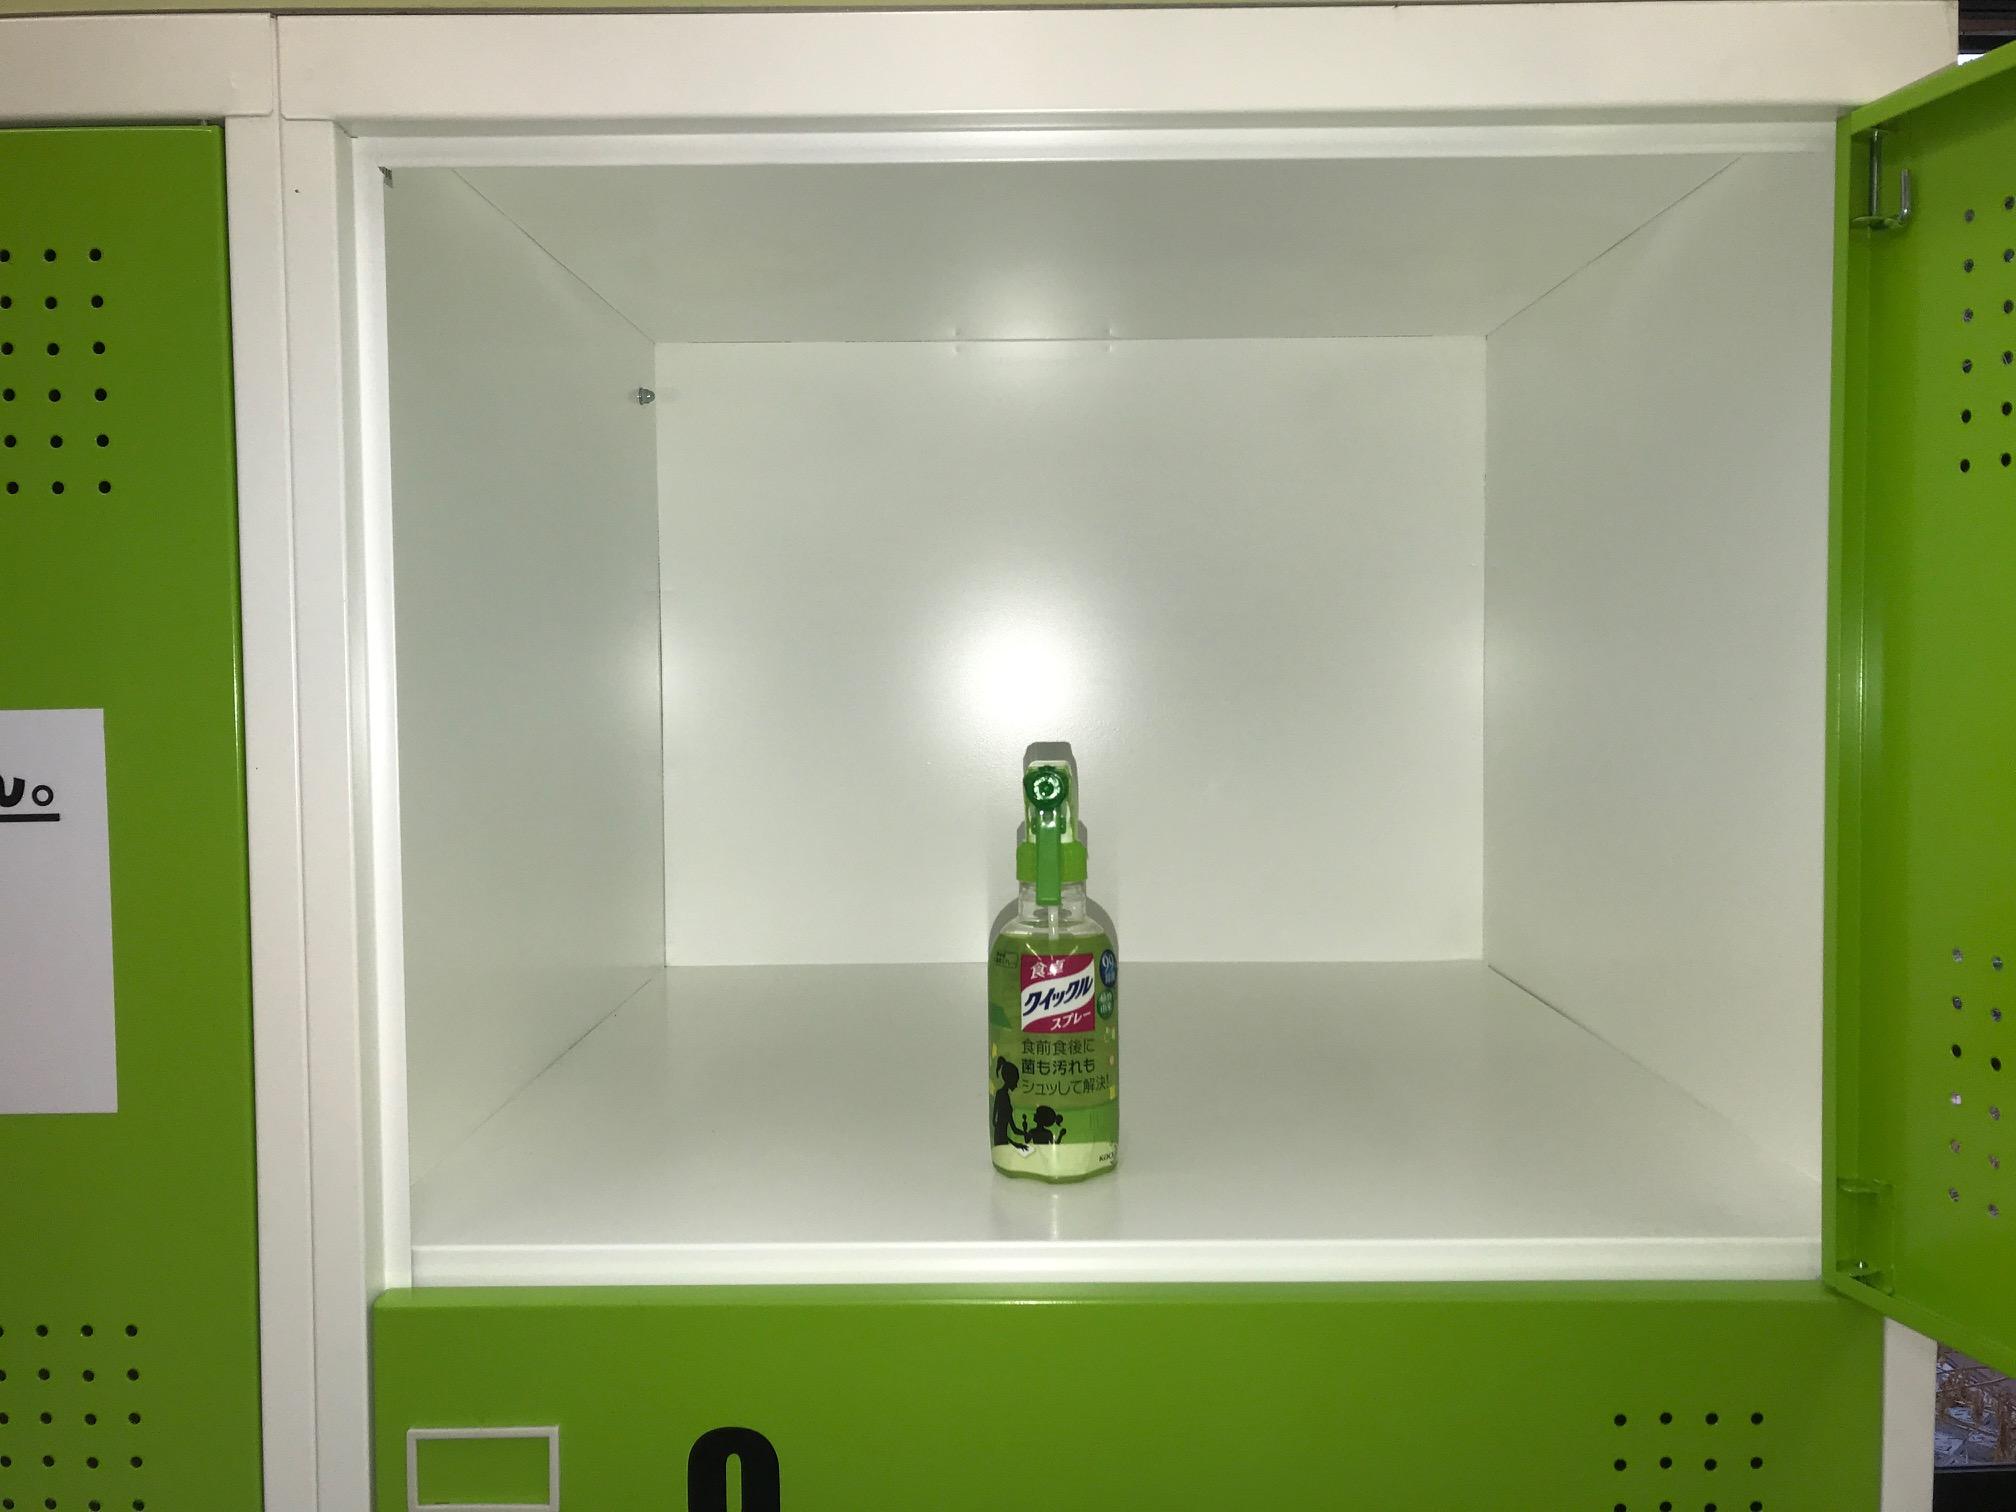 壁面アルコール除菌